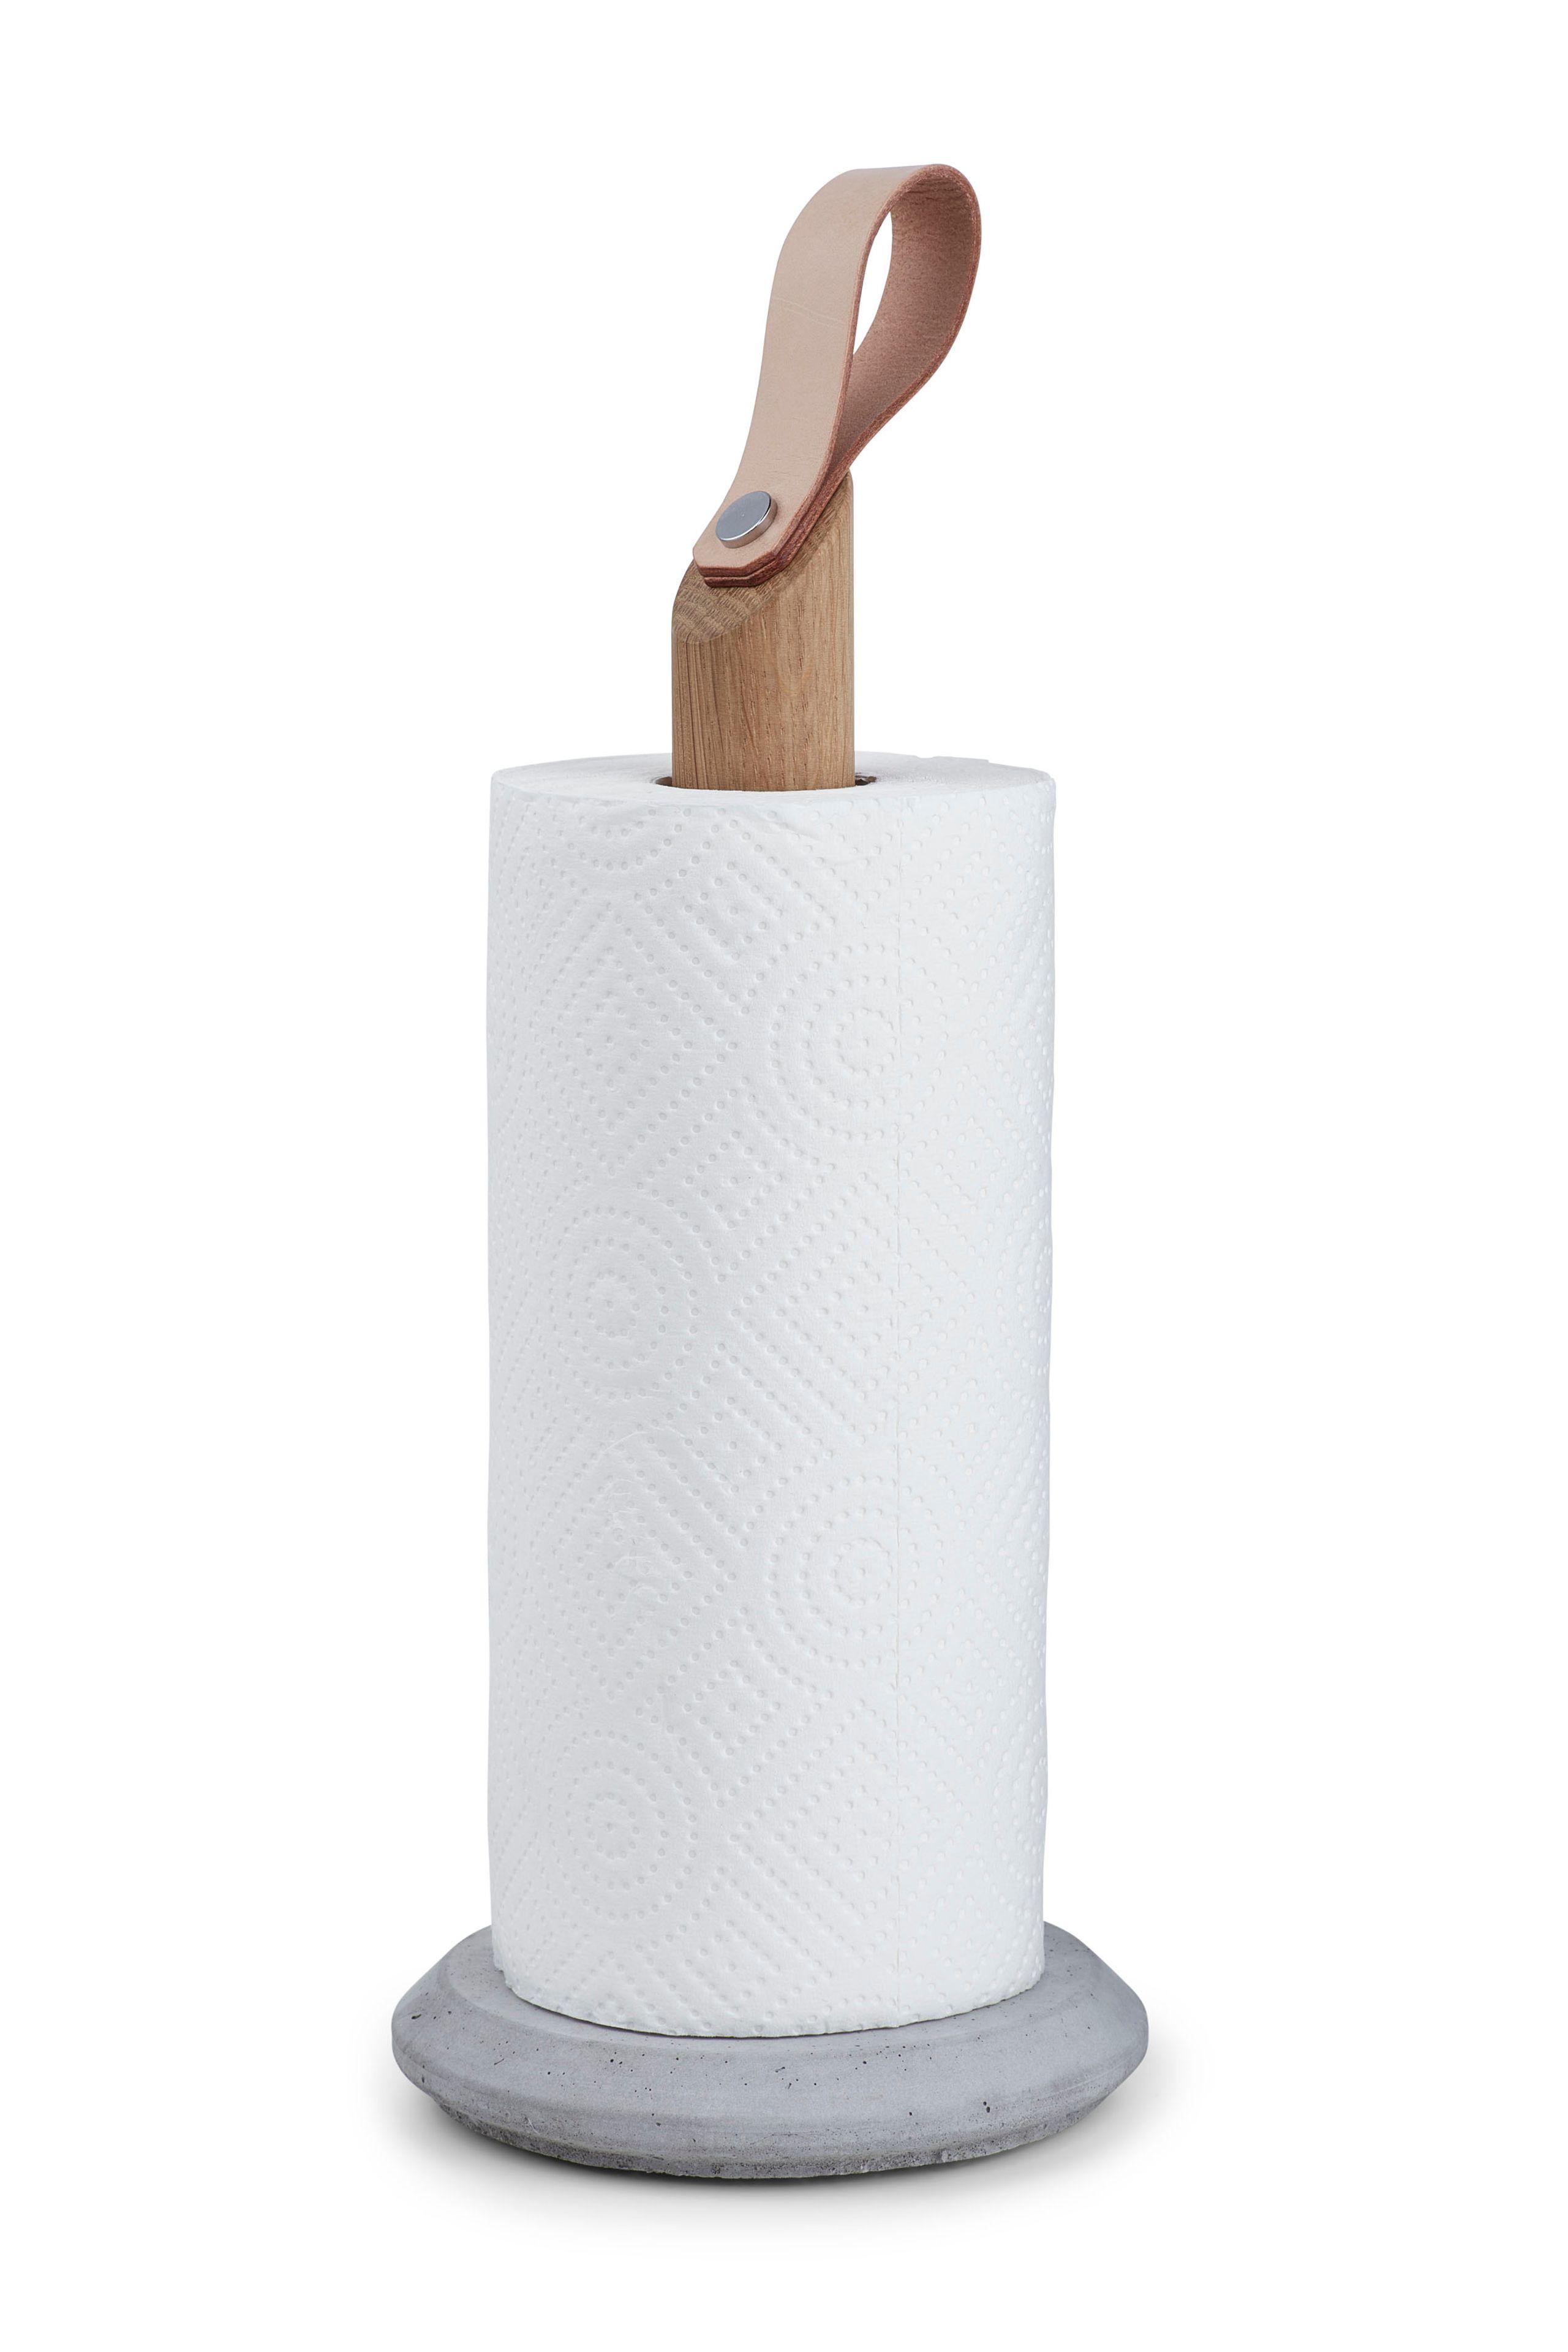 GRAB Kitchen Roll Holder - Paper Towel Holder - Gejst